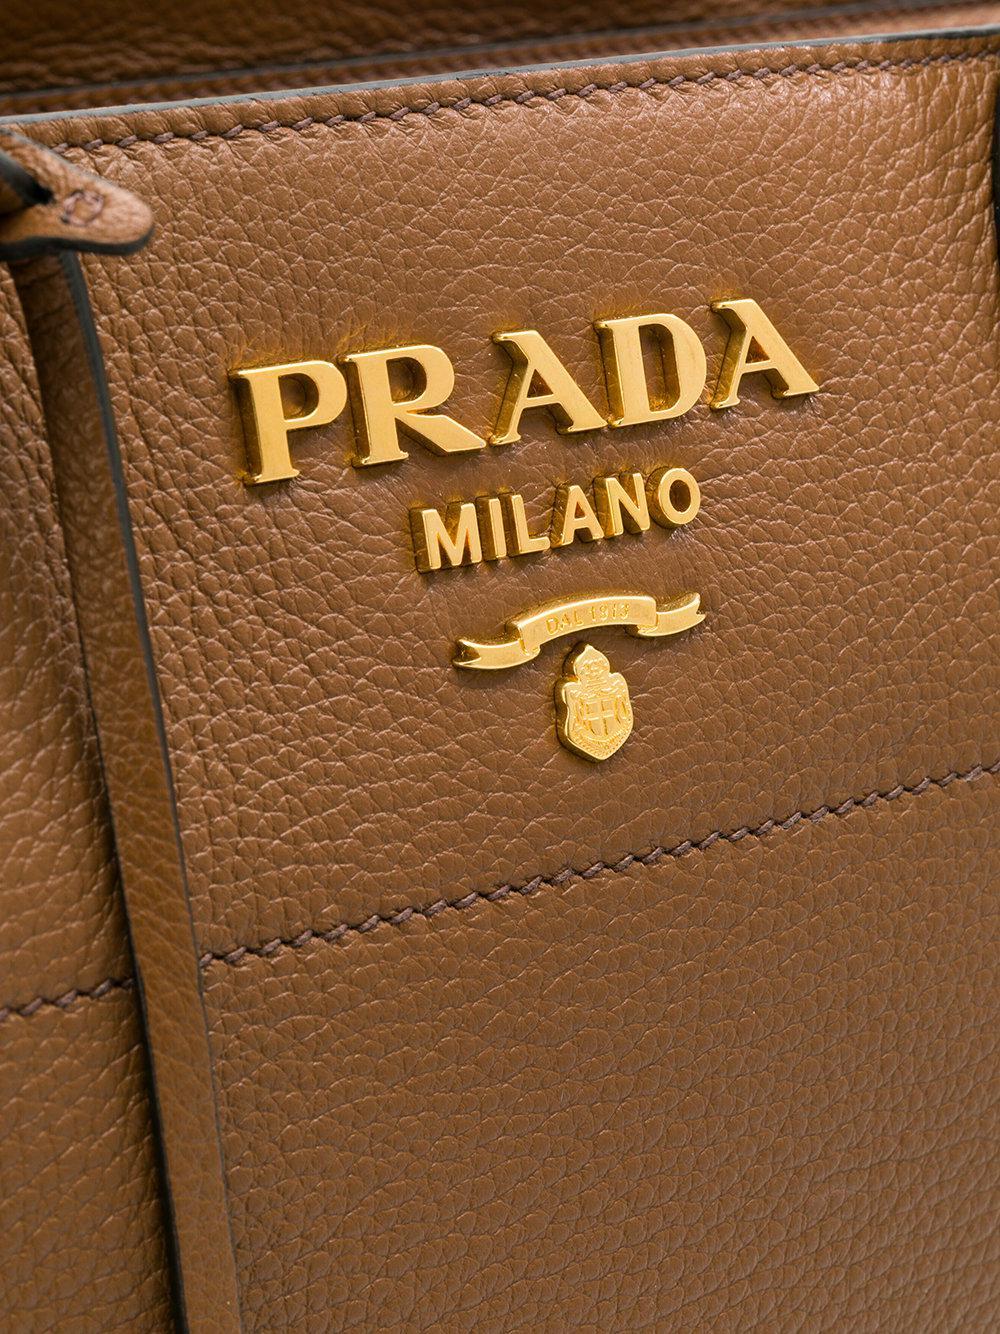 Prada Leather Paradigm Tote in Brown